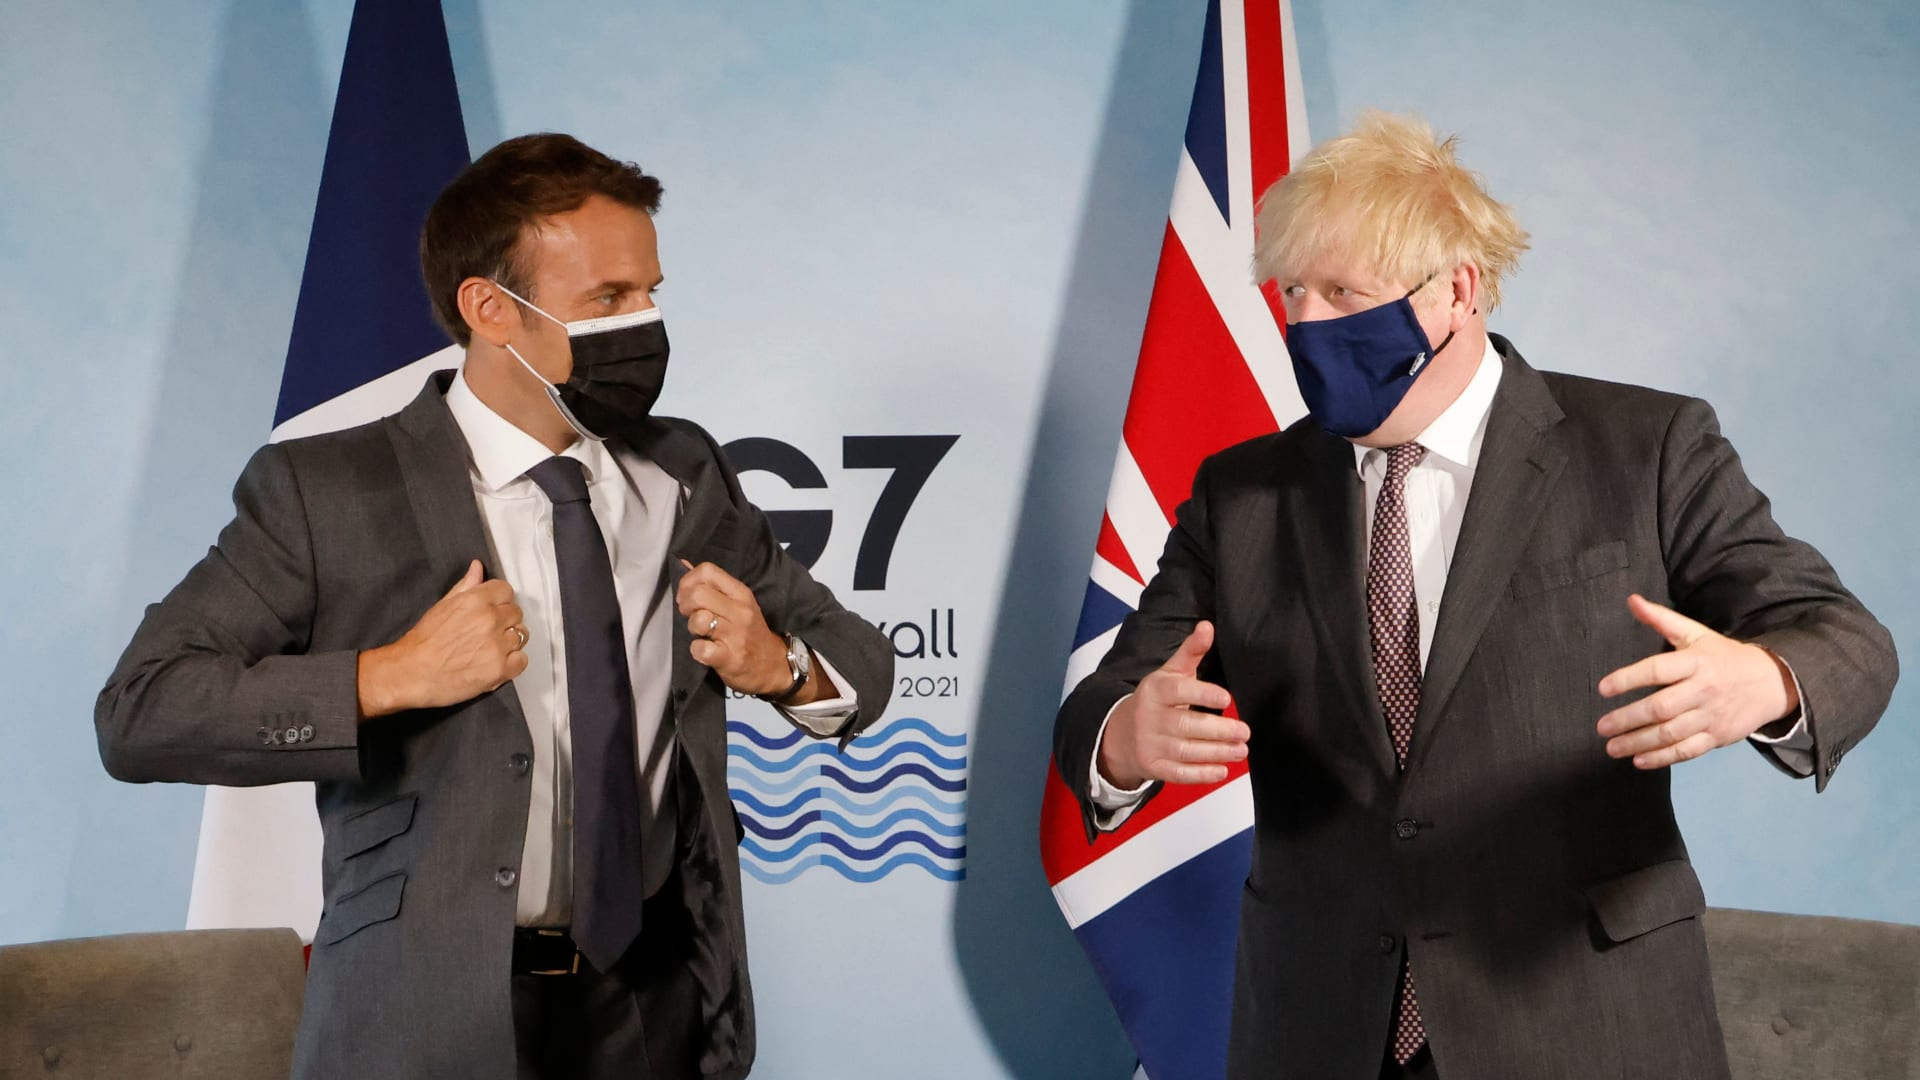 رئيس الوزراء البريطاني بوريس جونسون (يمين) والرئيس الفرنسي إيمانويل ماكرون (يسار)